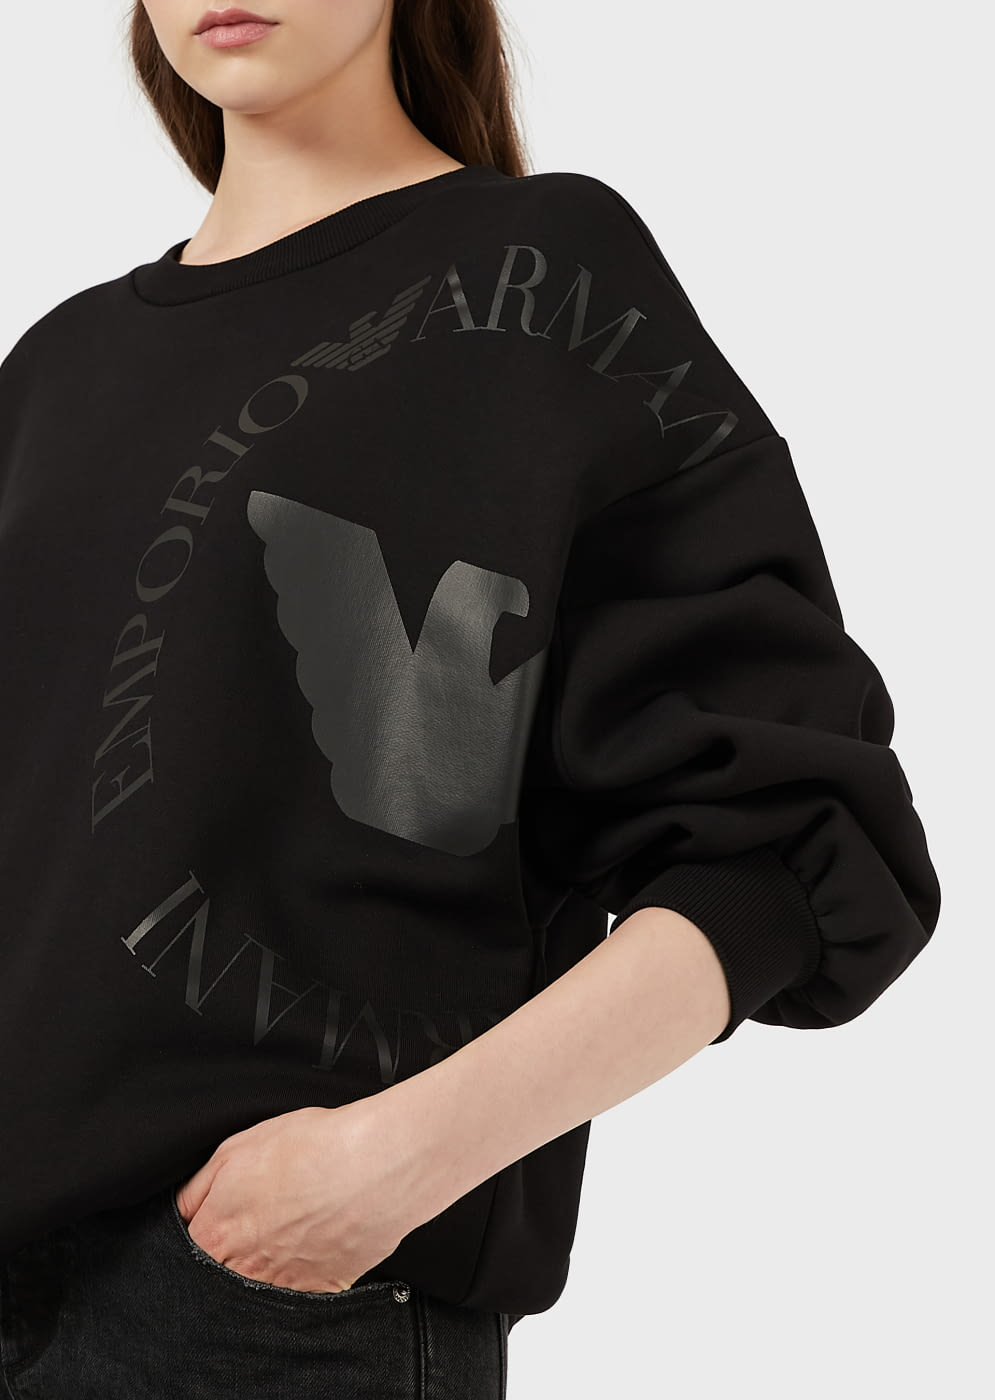 EMPORIO ARMANI sudadera color negro con  logotipo en vinilo